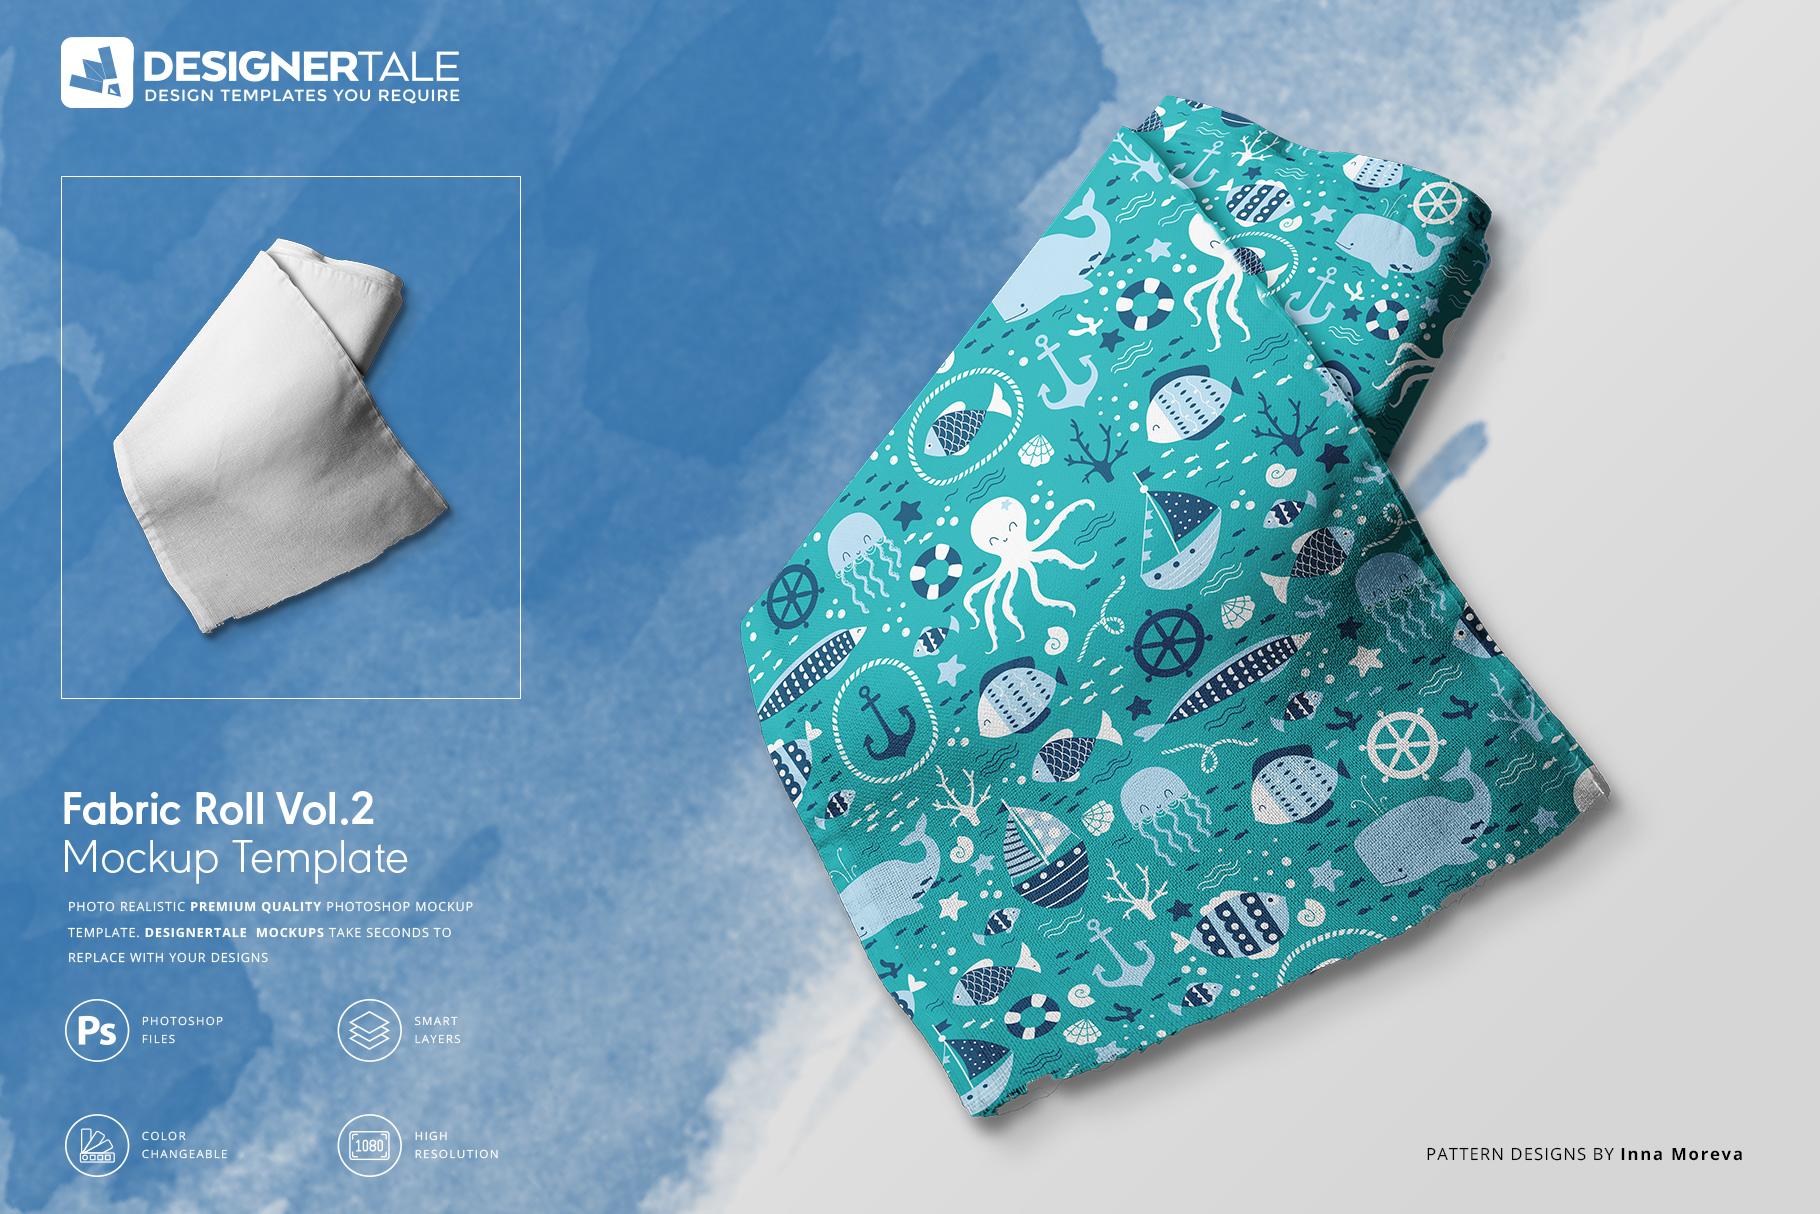 Fabric Roll Mockup Vol.2